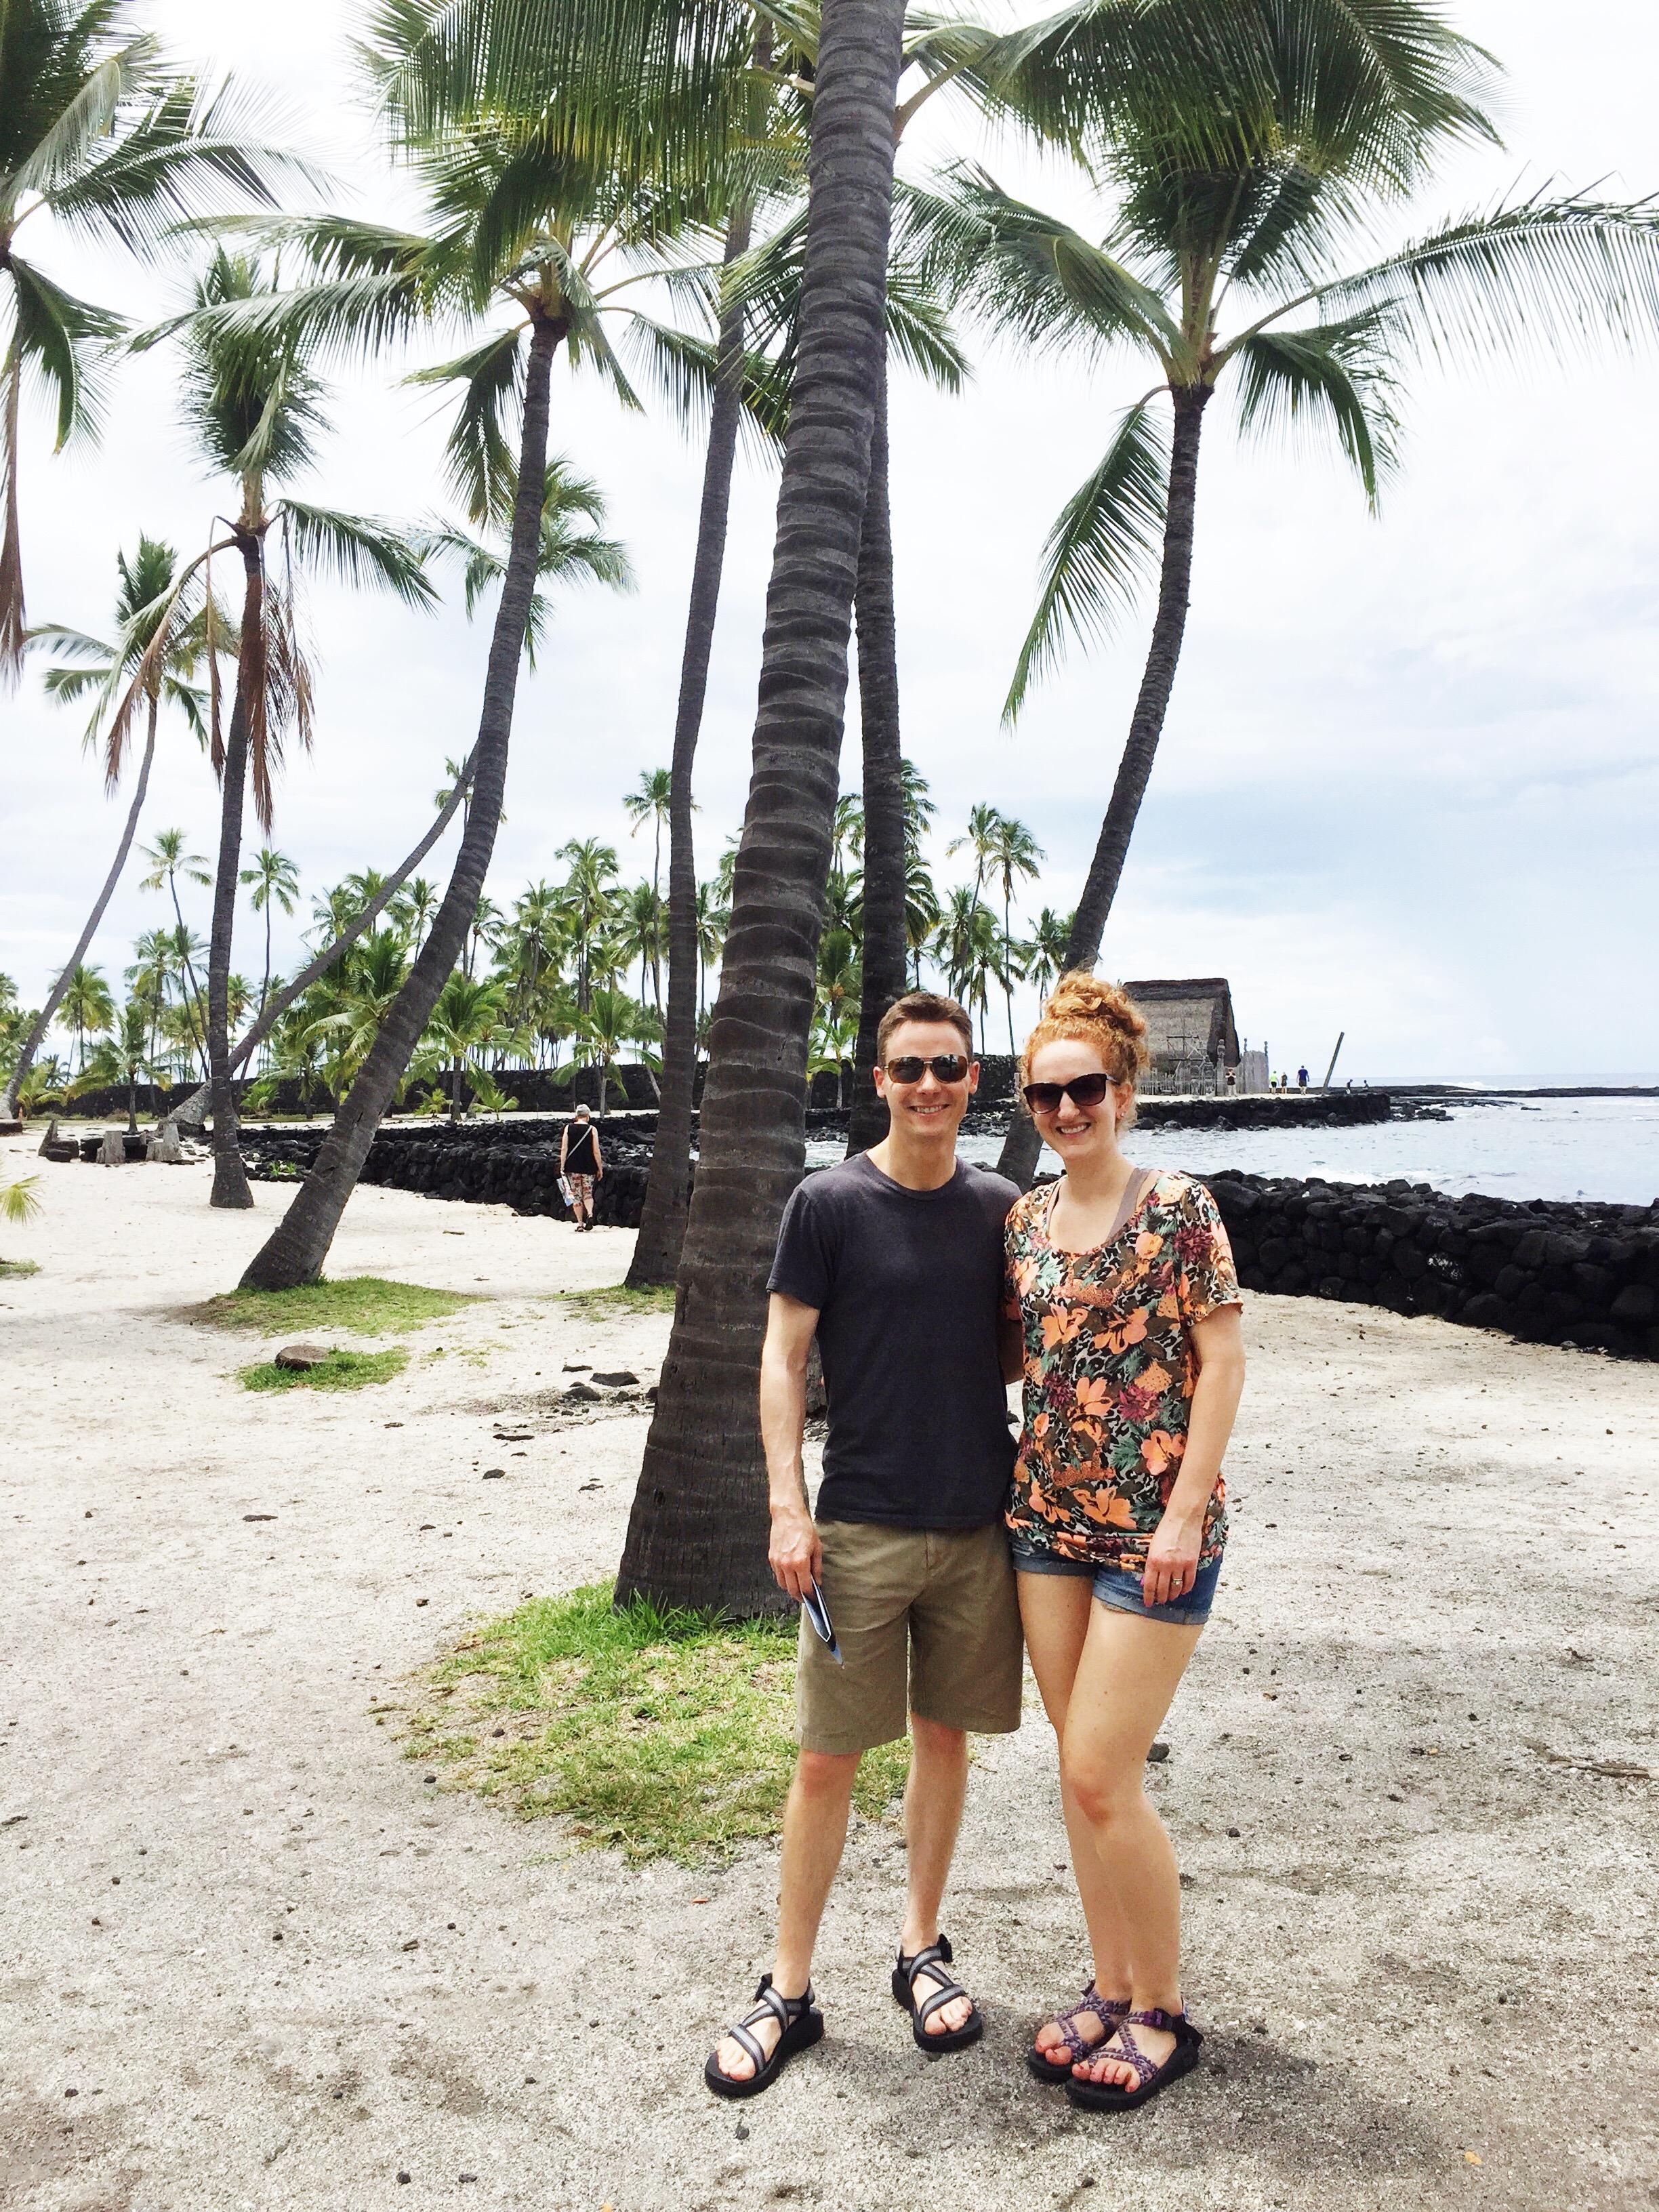 big island hawaii vacation.jpg